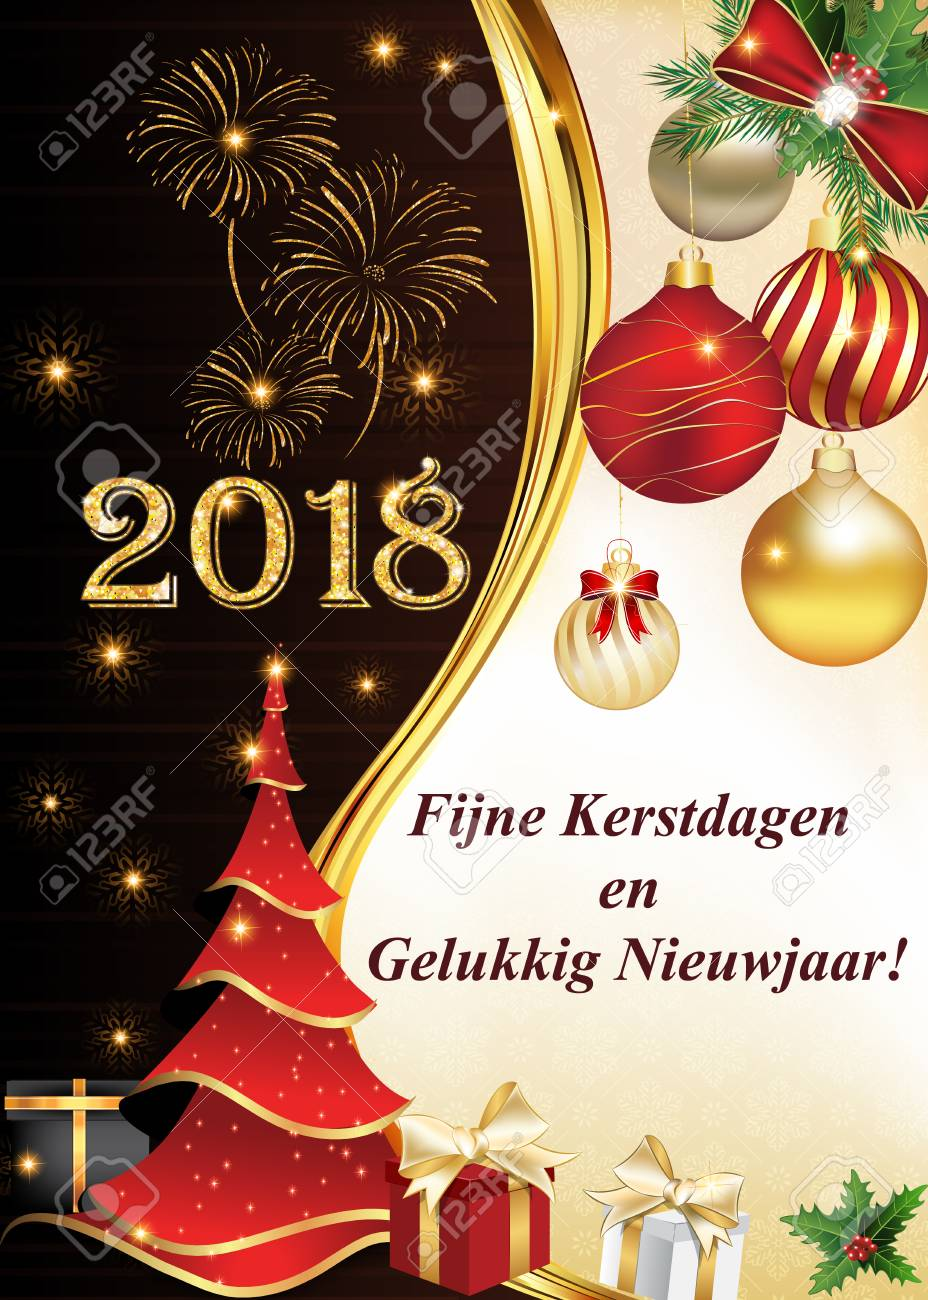 Frohe weihnachten und ein gutes neues jahr niederlandisch